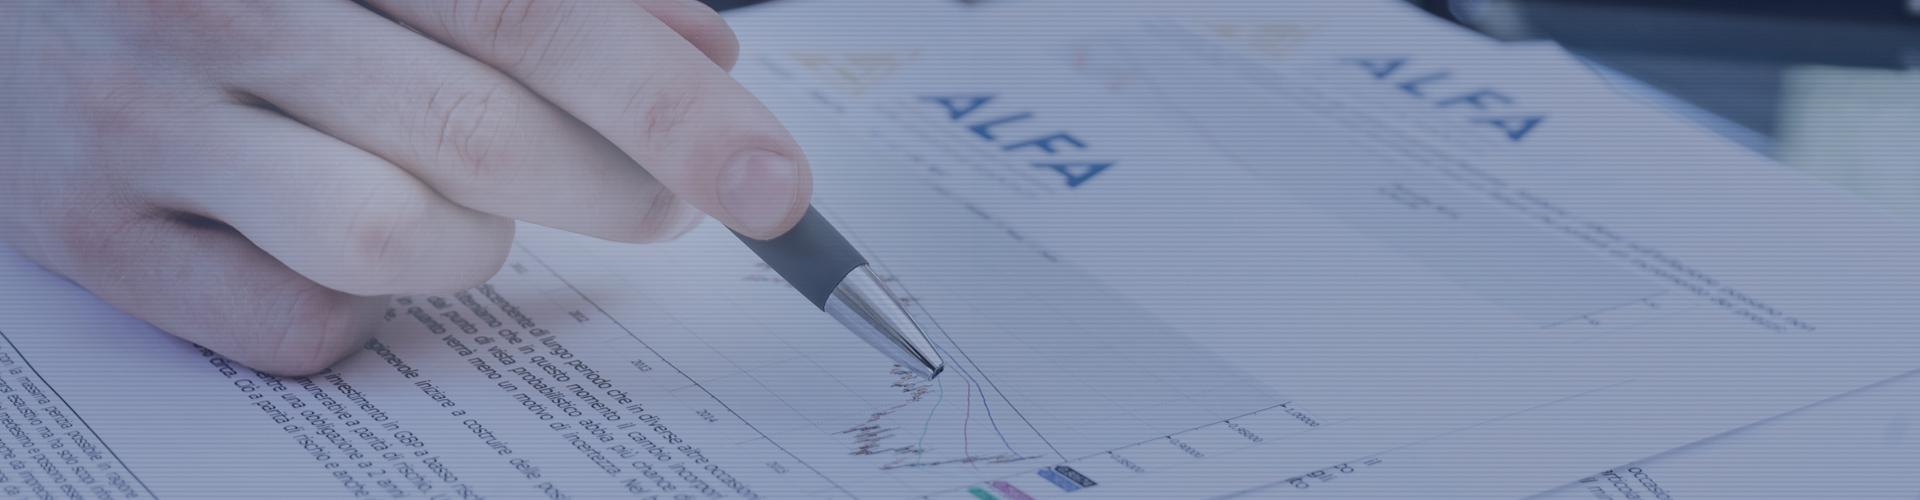 ALFA - Società di Consulenza Finanziaria | Slide 2 (home)